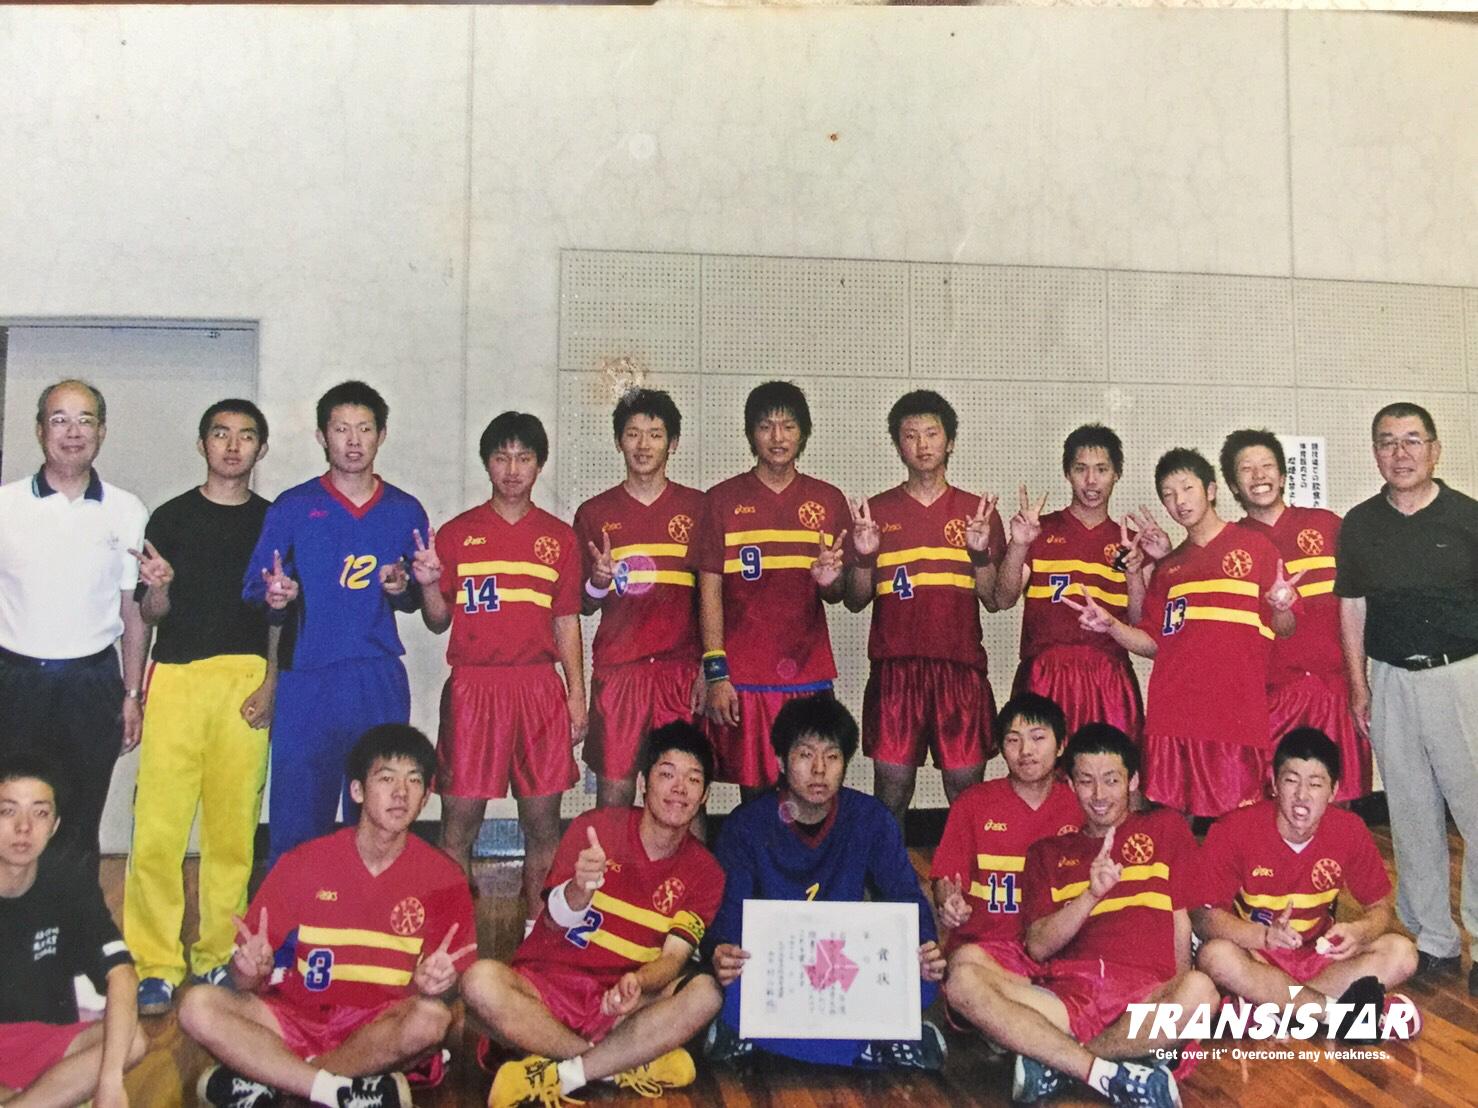 後列右から4人目が藤本選手。中学・高校時代も背番号は7番。